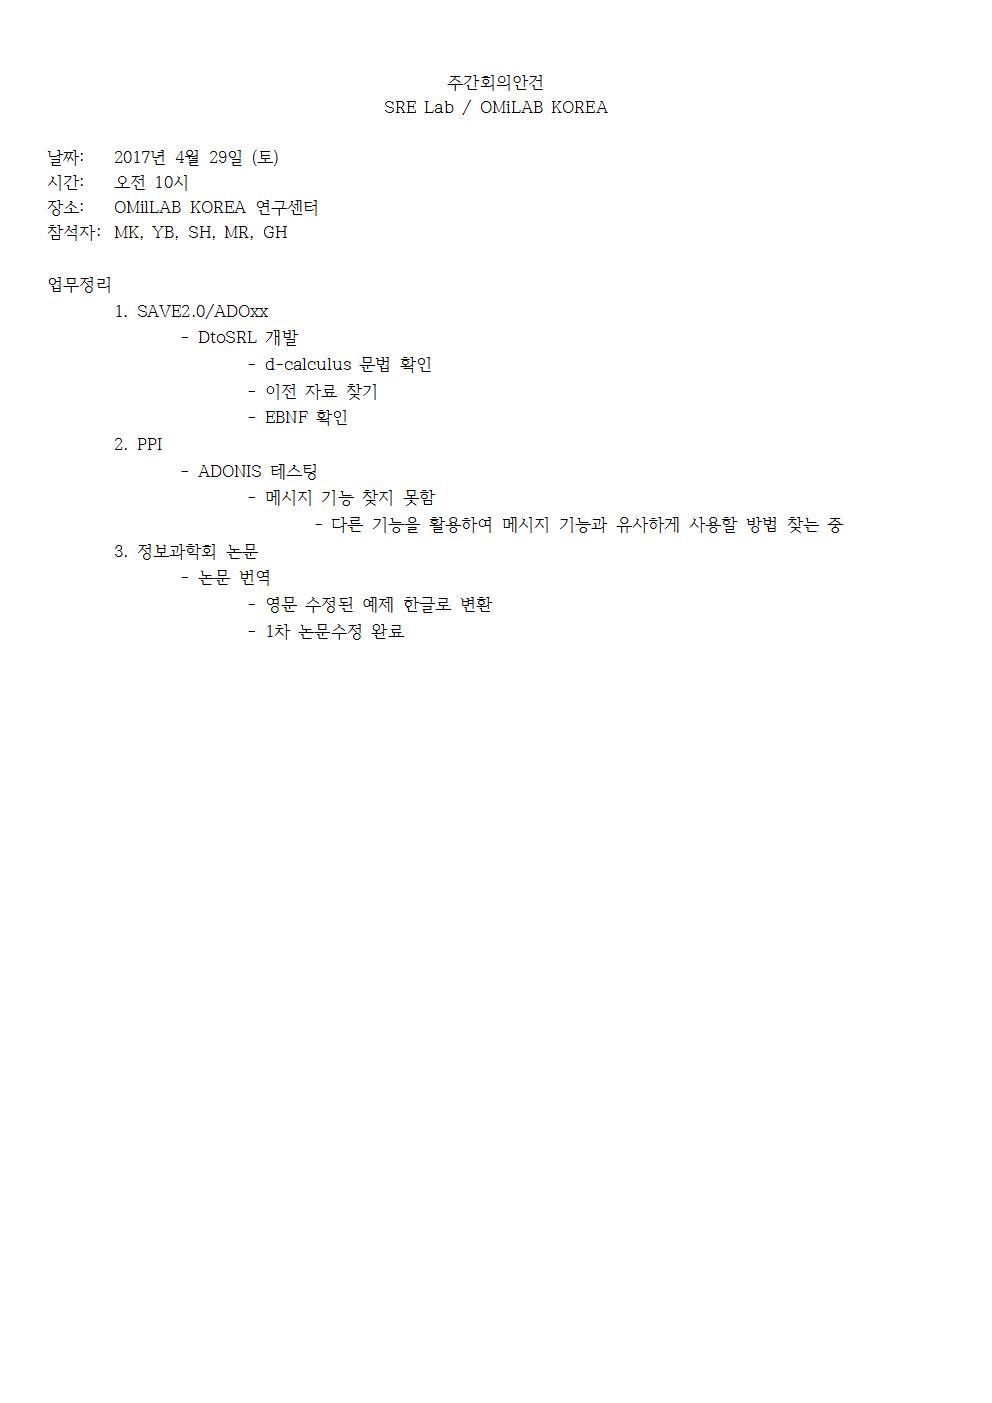 6-토-2017-04-29-PLAN(SH)001.jpg